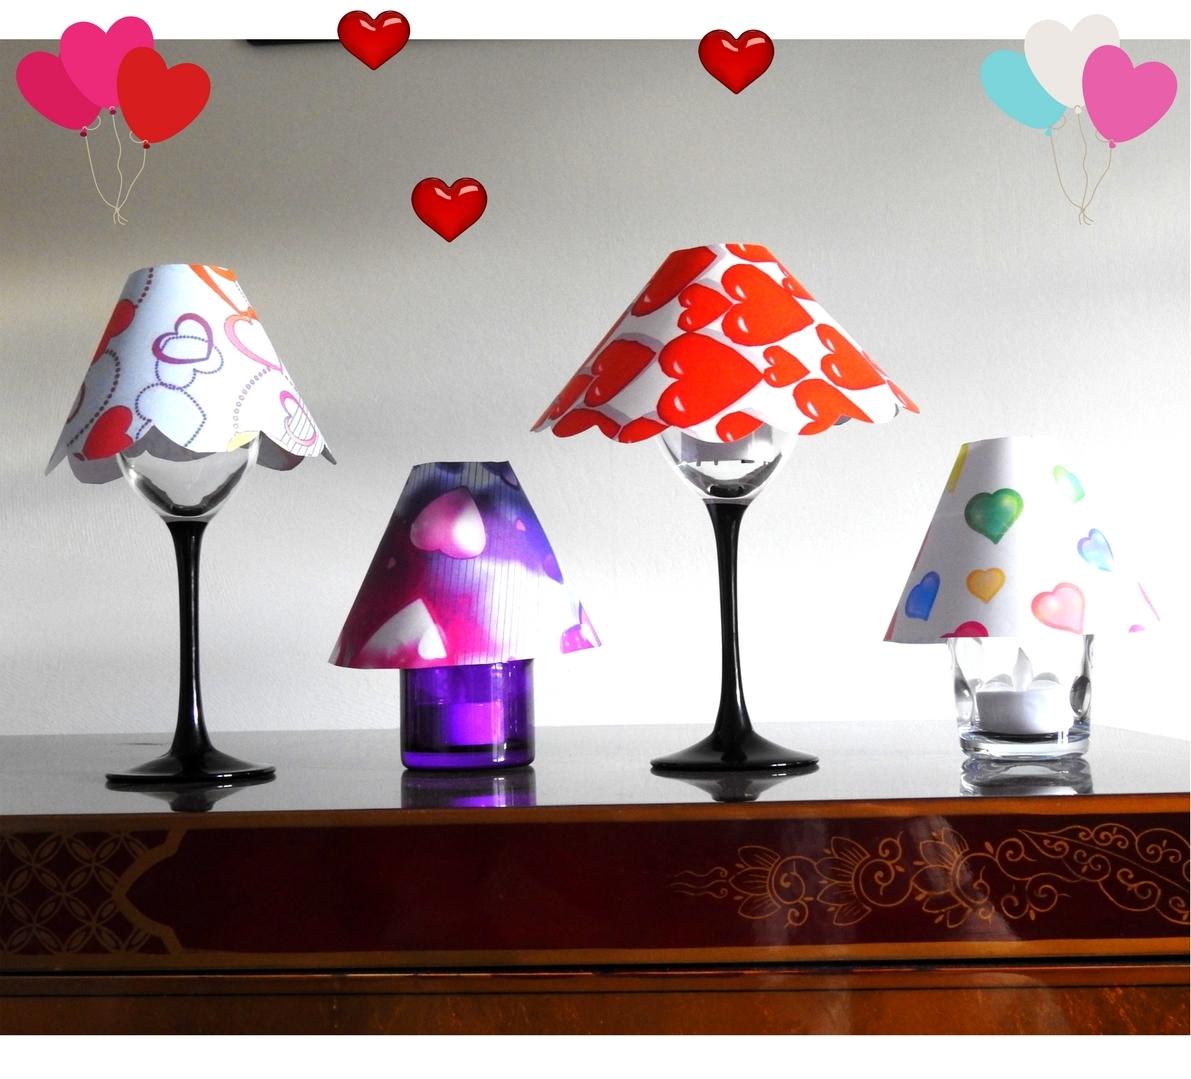 Saint Valentin : fabriquer des Abat-Jours pour Verres. 2